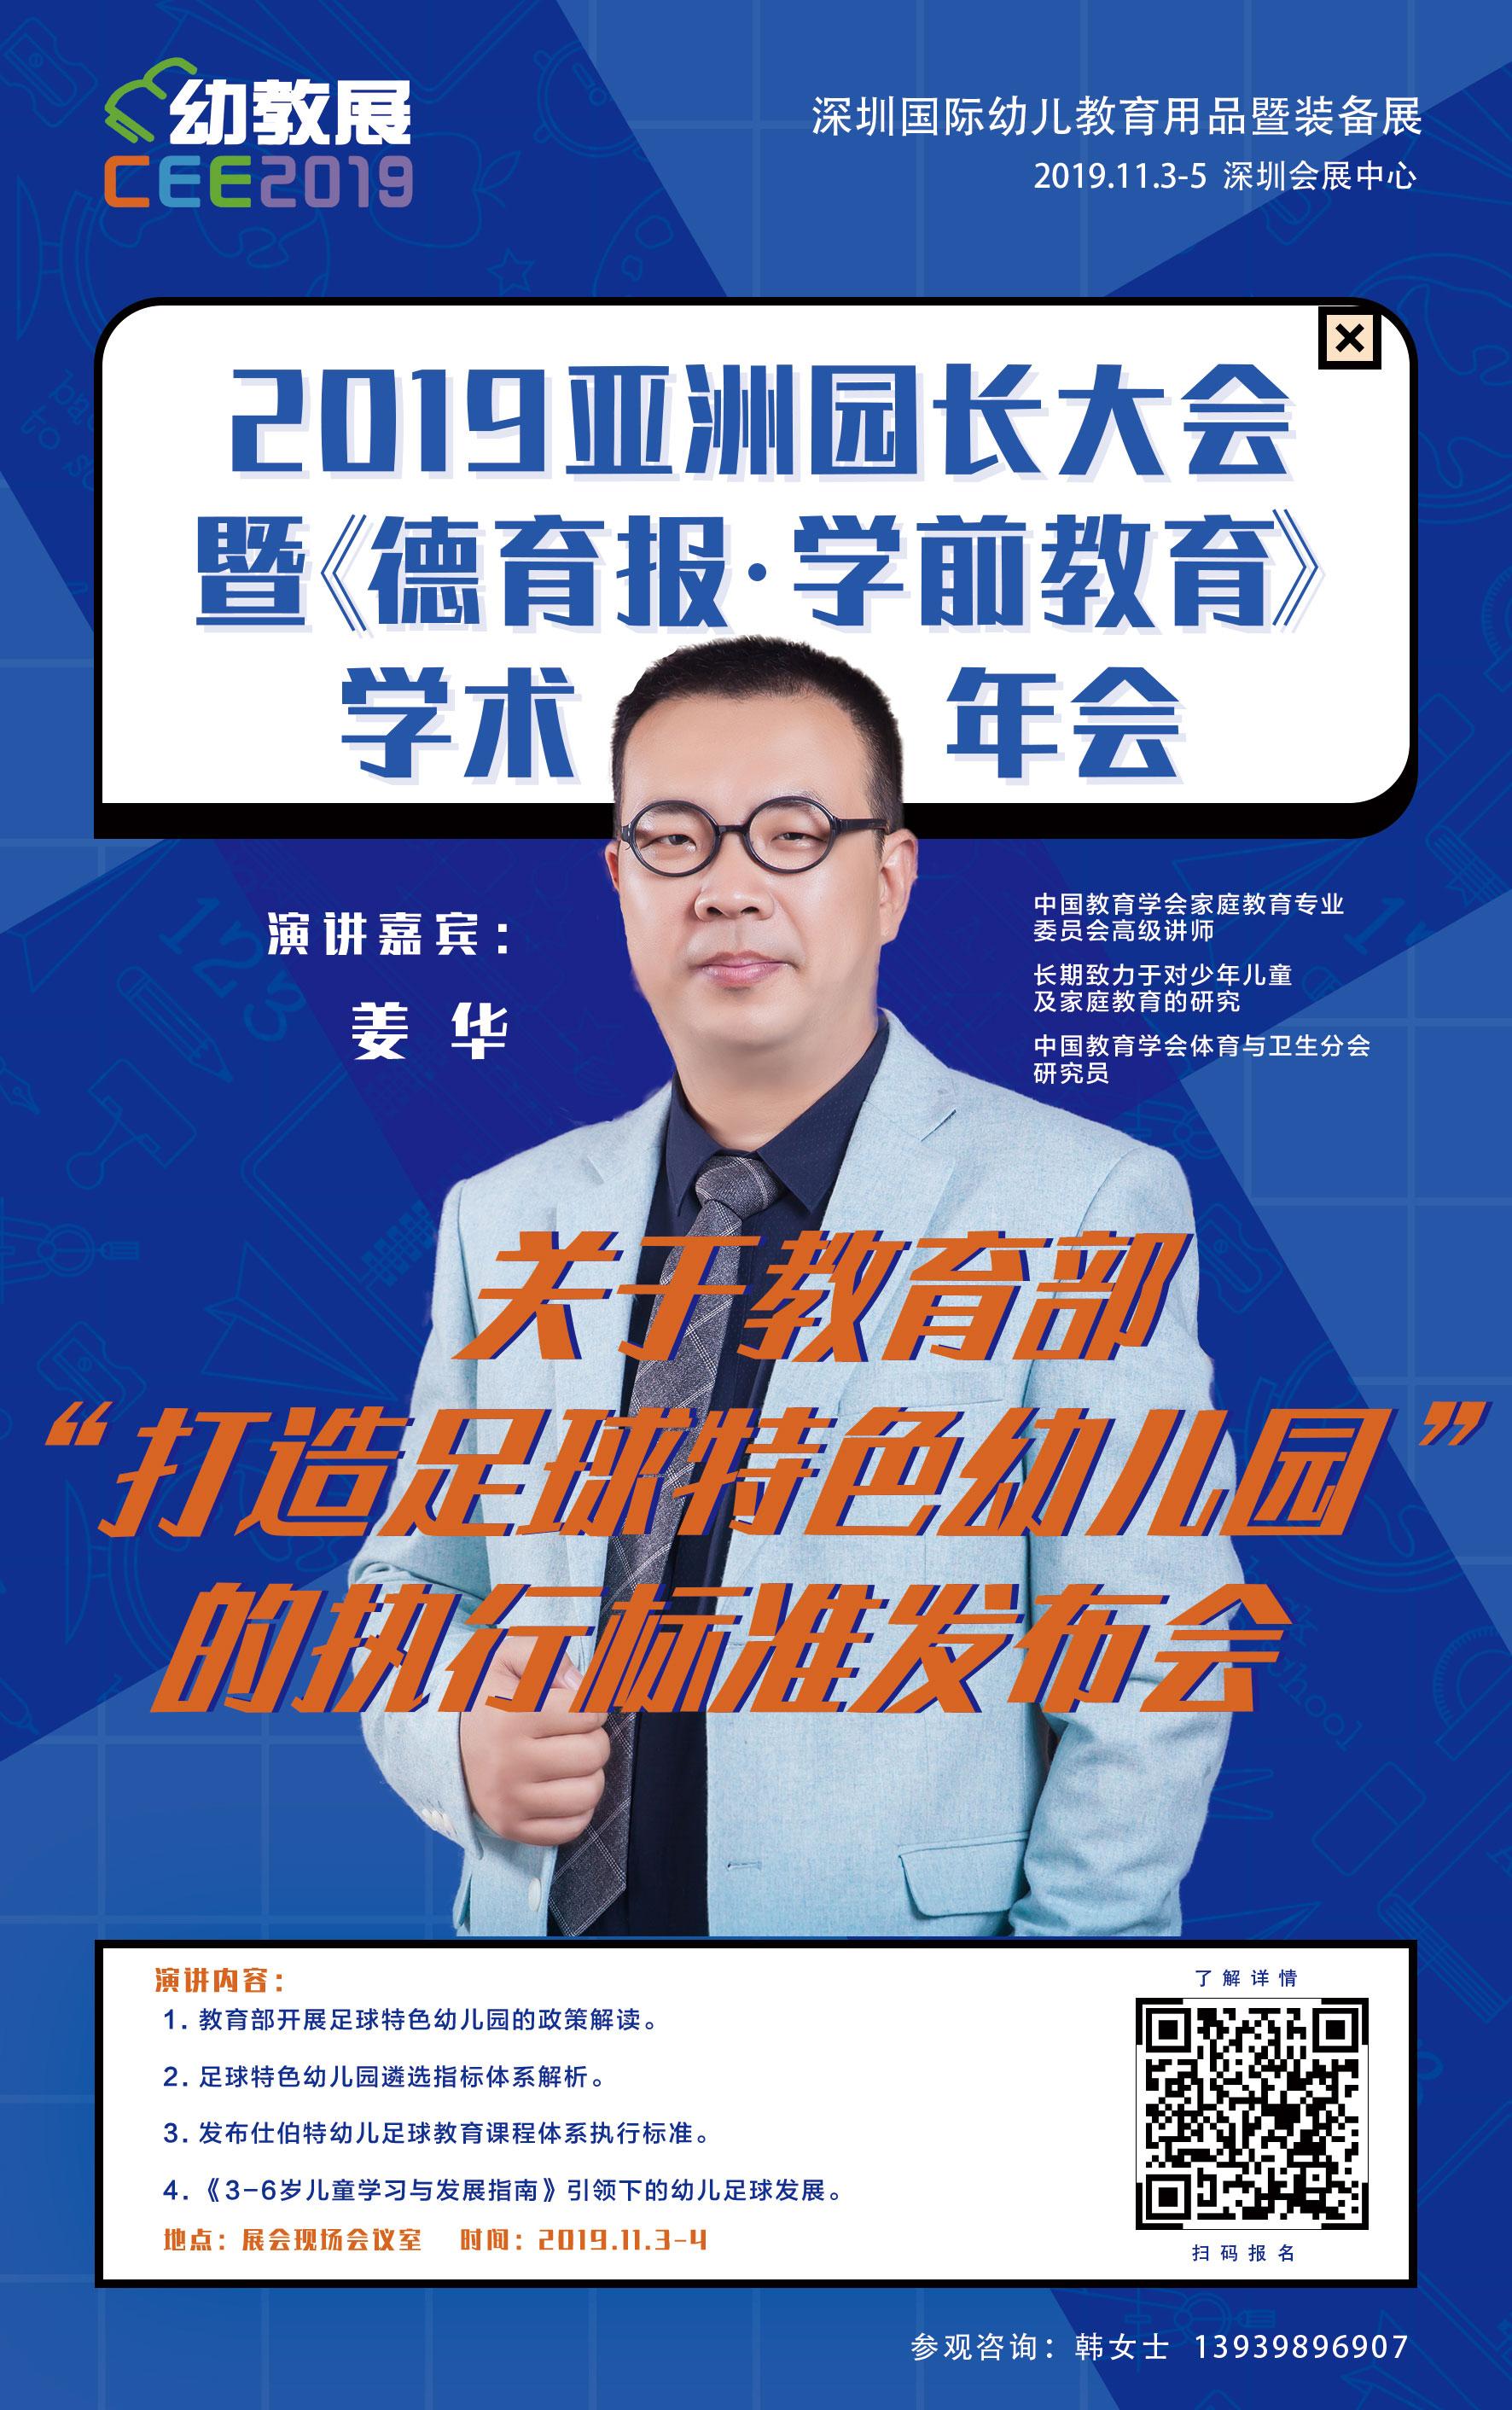 中國教育學會體育與衛生分會研究員中國教育學會家庭教育專業委員會高級講師少年兒童及家庭教育的研究/姜華照片